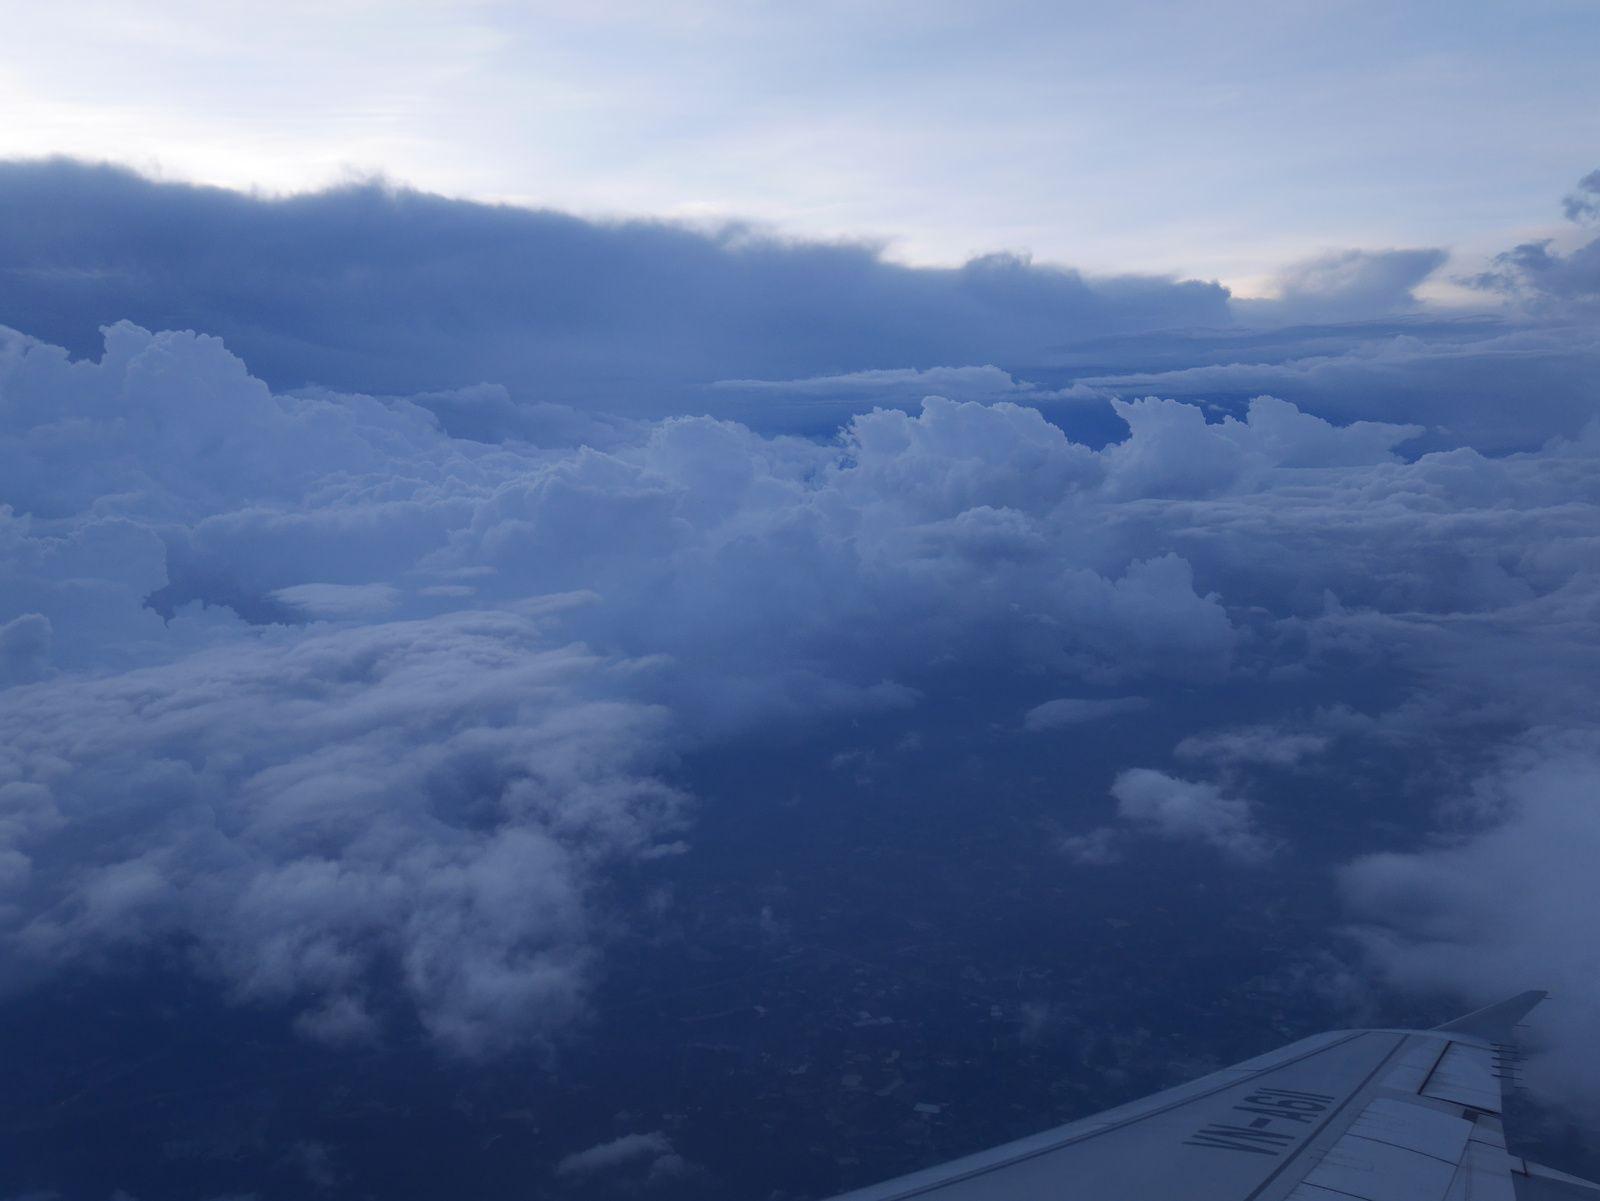 1. Heureusement que je pars, il pleut!   2. à 4. Miam...   5. Dans l'avion    6. L'aéroport de Mumbai, très joli pour ce que j'en ai vu   7. à 13. Sky     14. Retour du petit chat